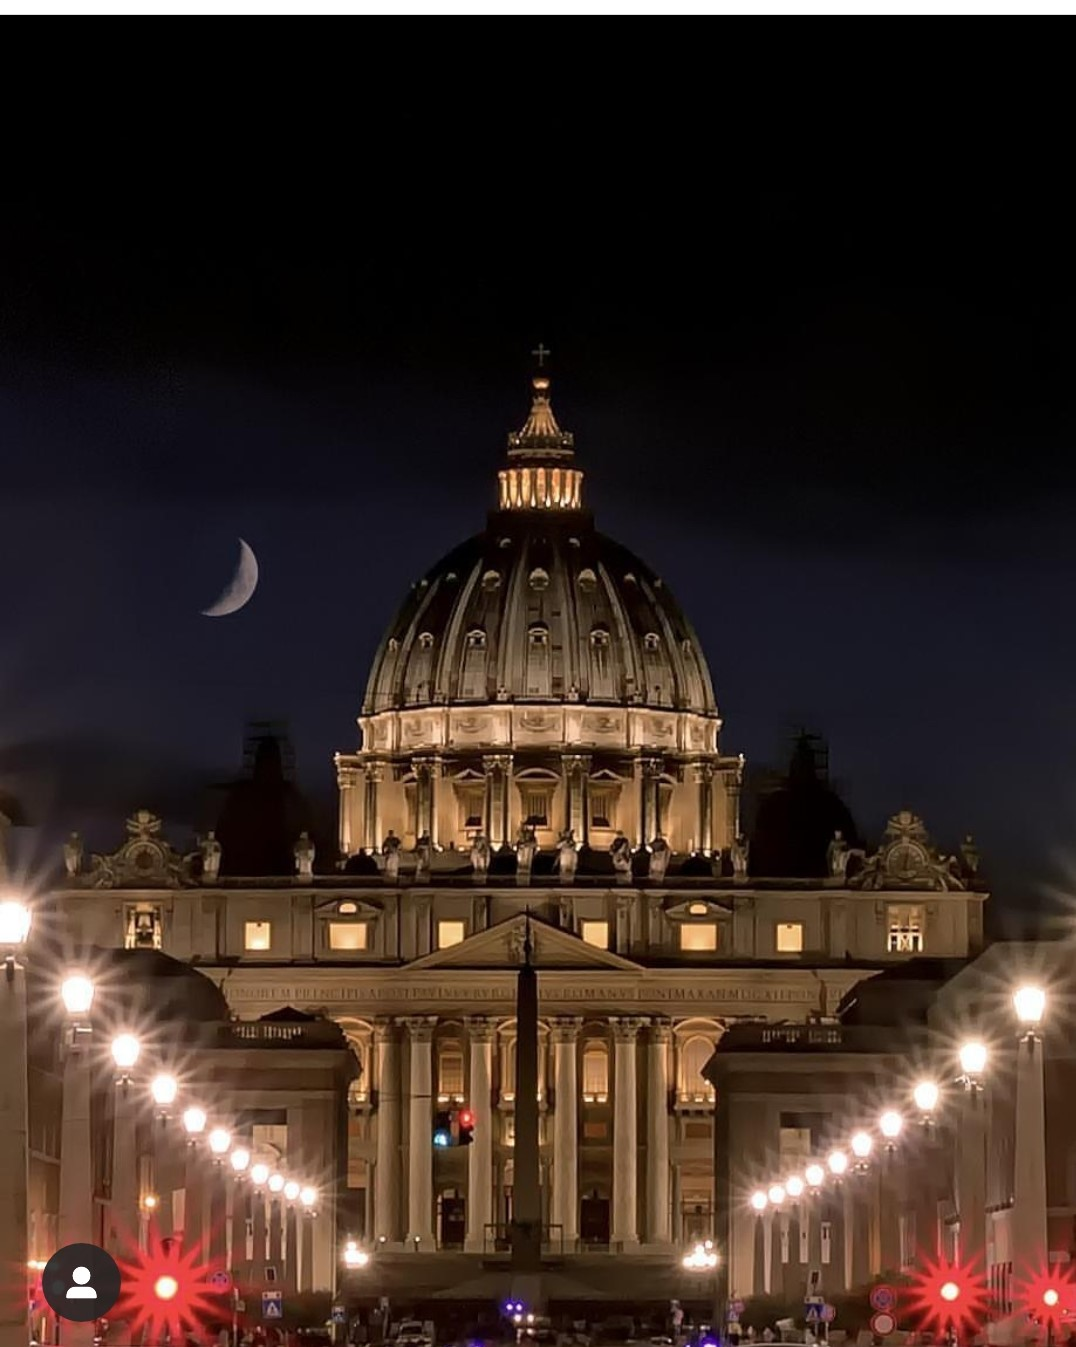 Altijd Al Een Keer Naar Rome Willen Gaan?